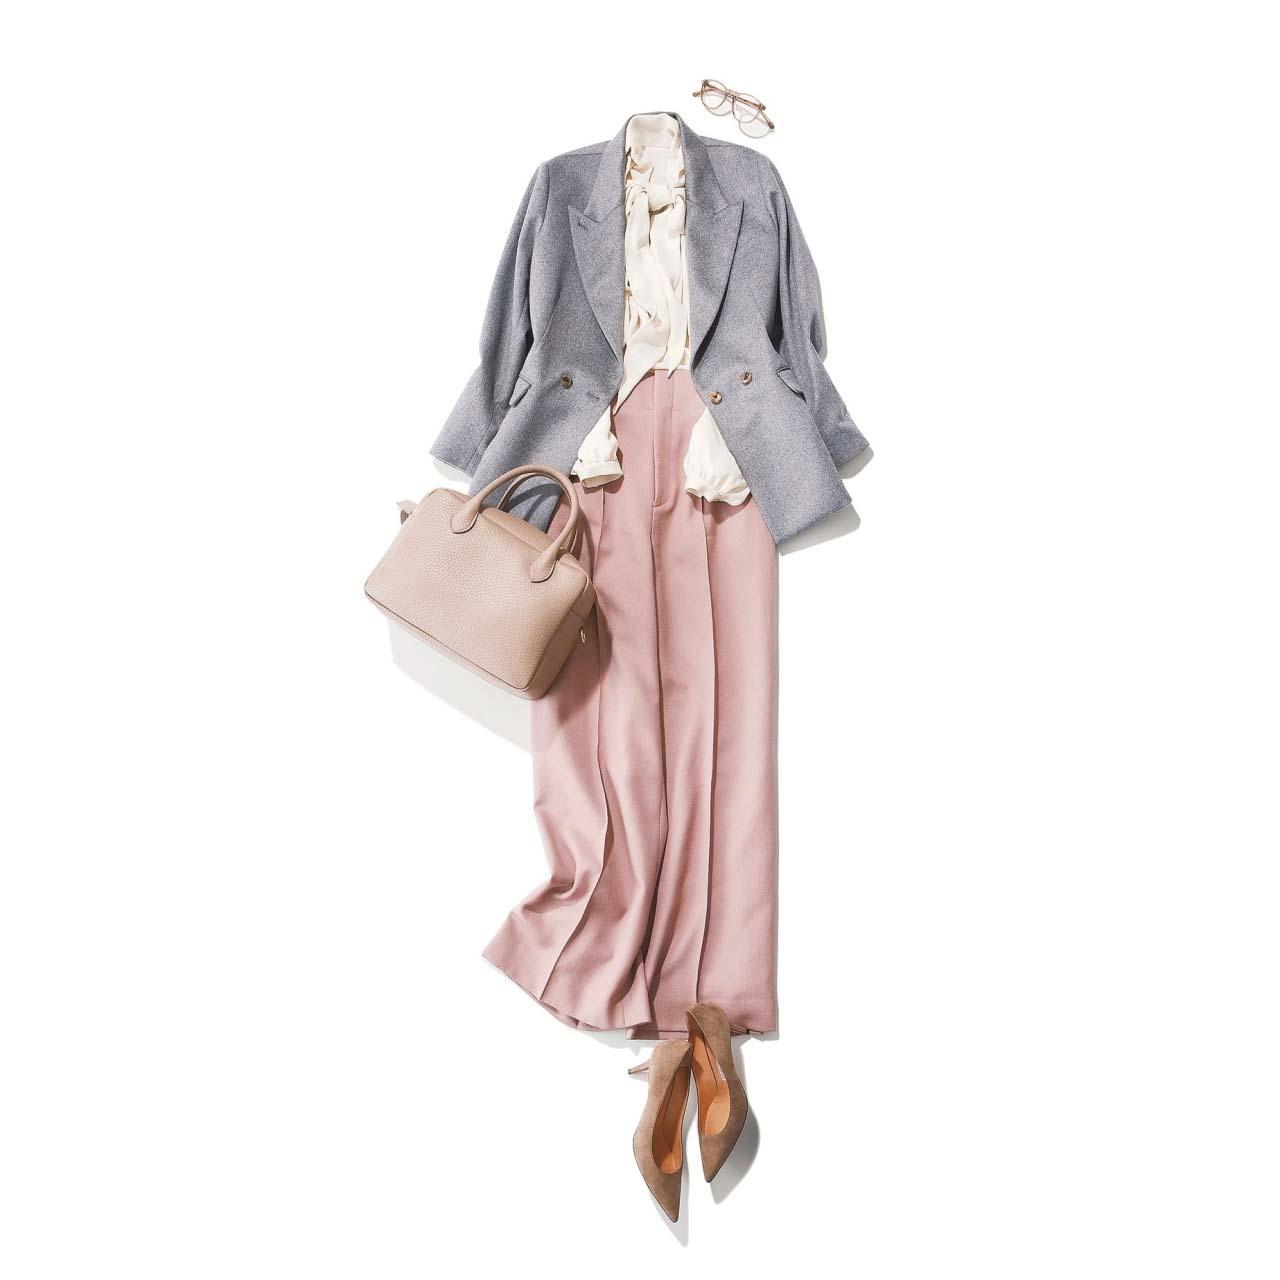 グレーのテーラードジャケット×ボウタイブラウス×ピンクのパンツコーデ